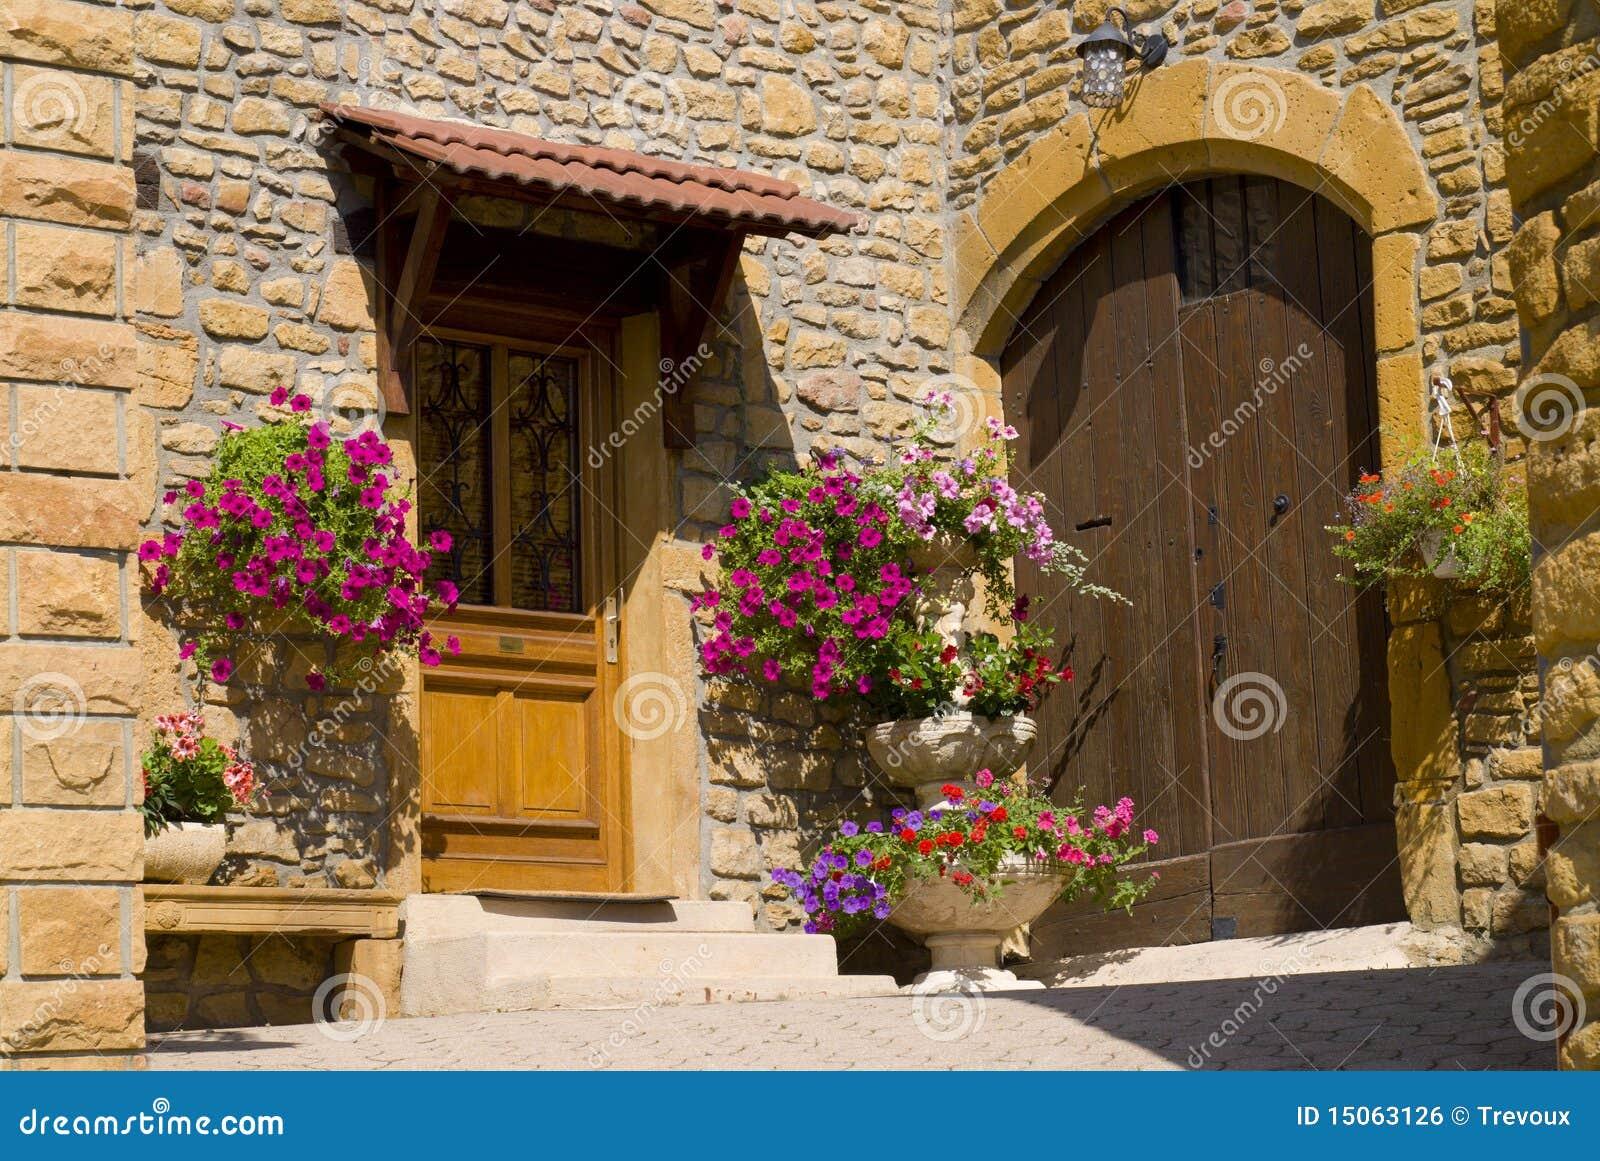 ms imgenes similares de puerta principal de madera de la casa de piedra vieja del ladrillo